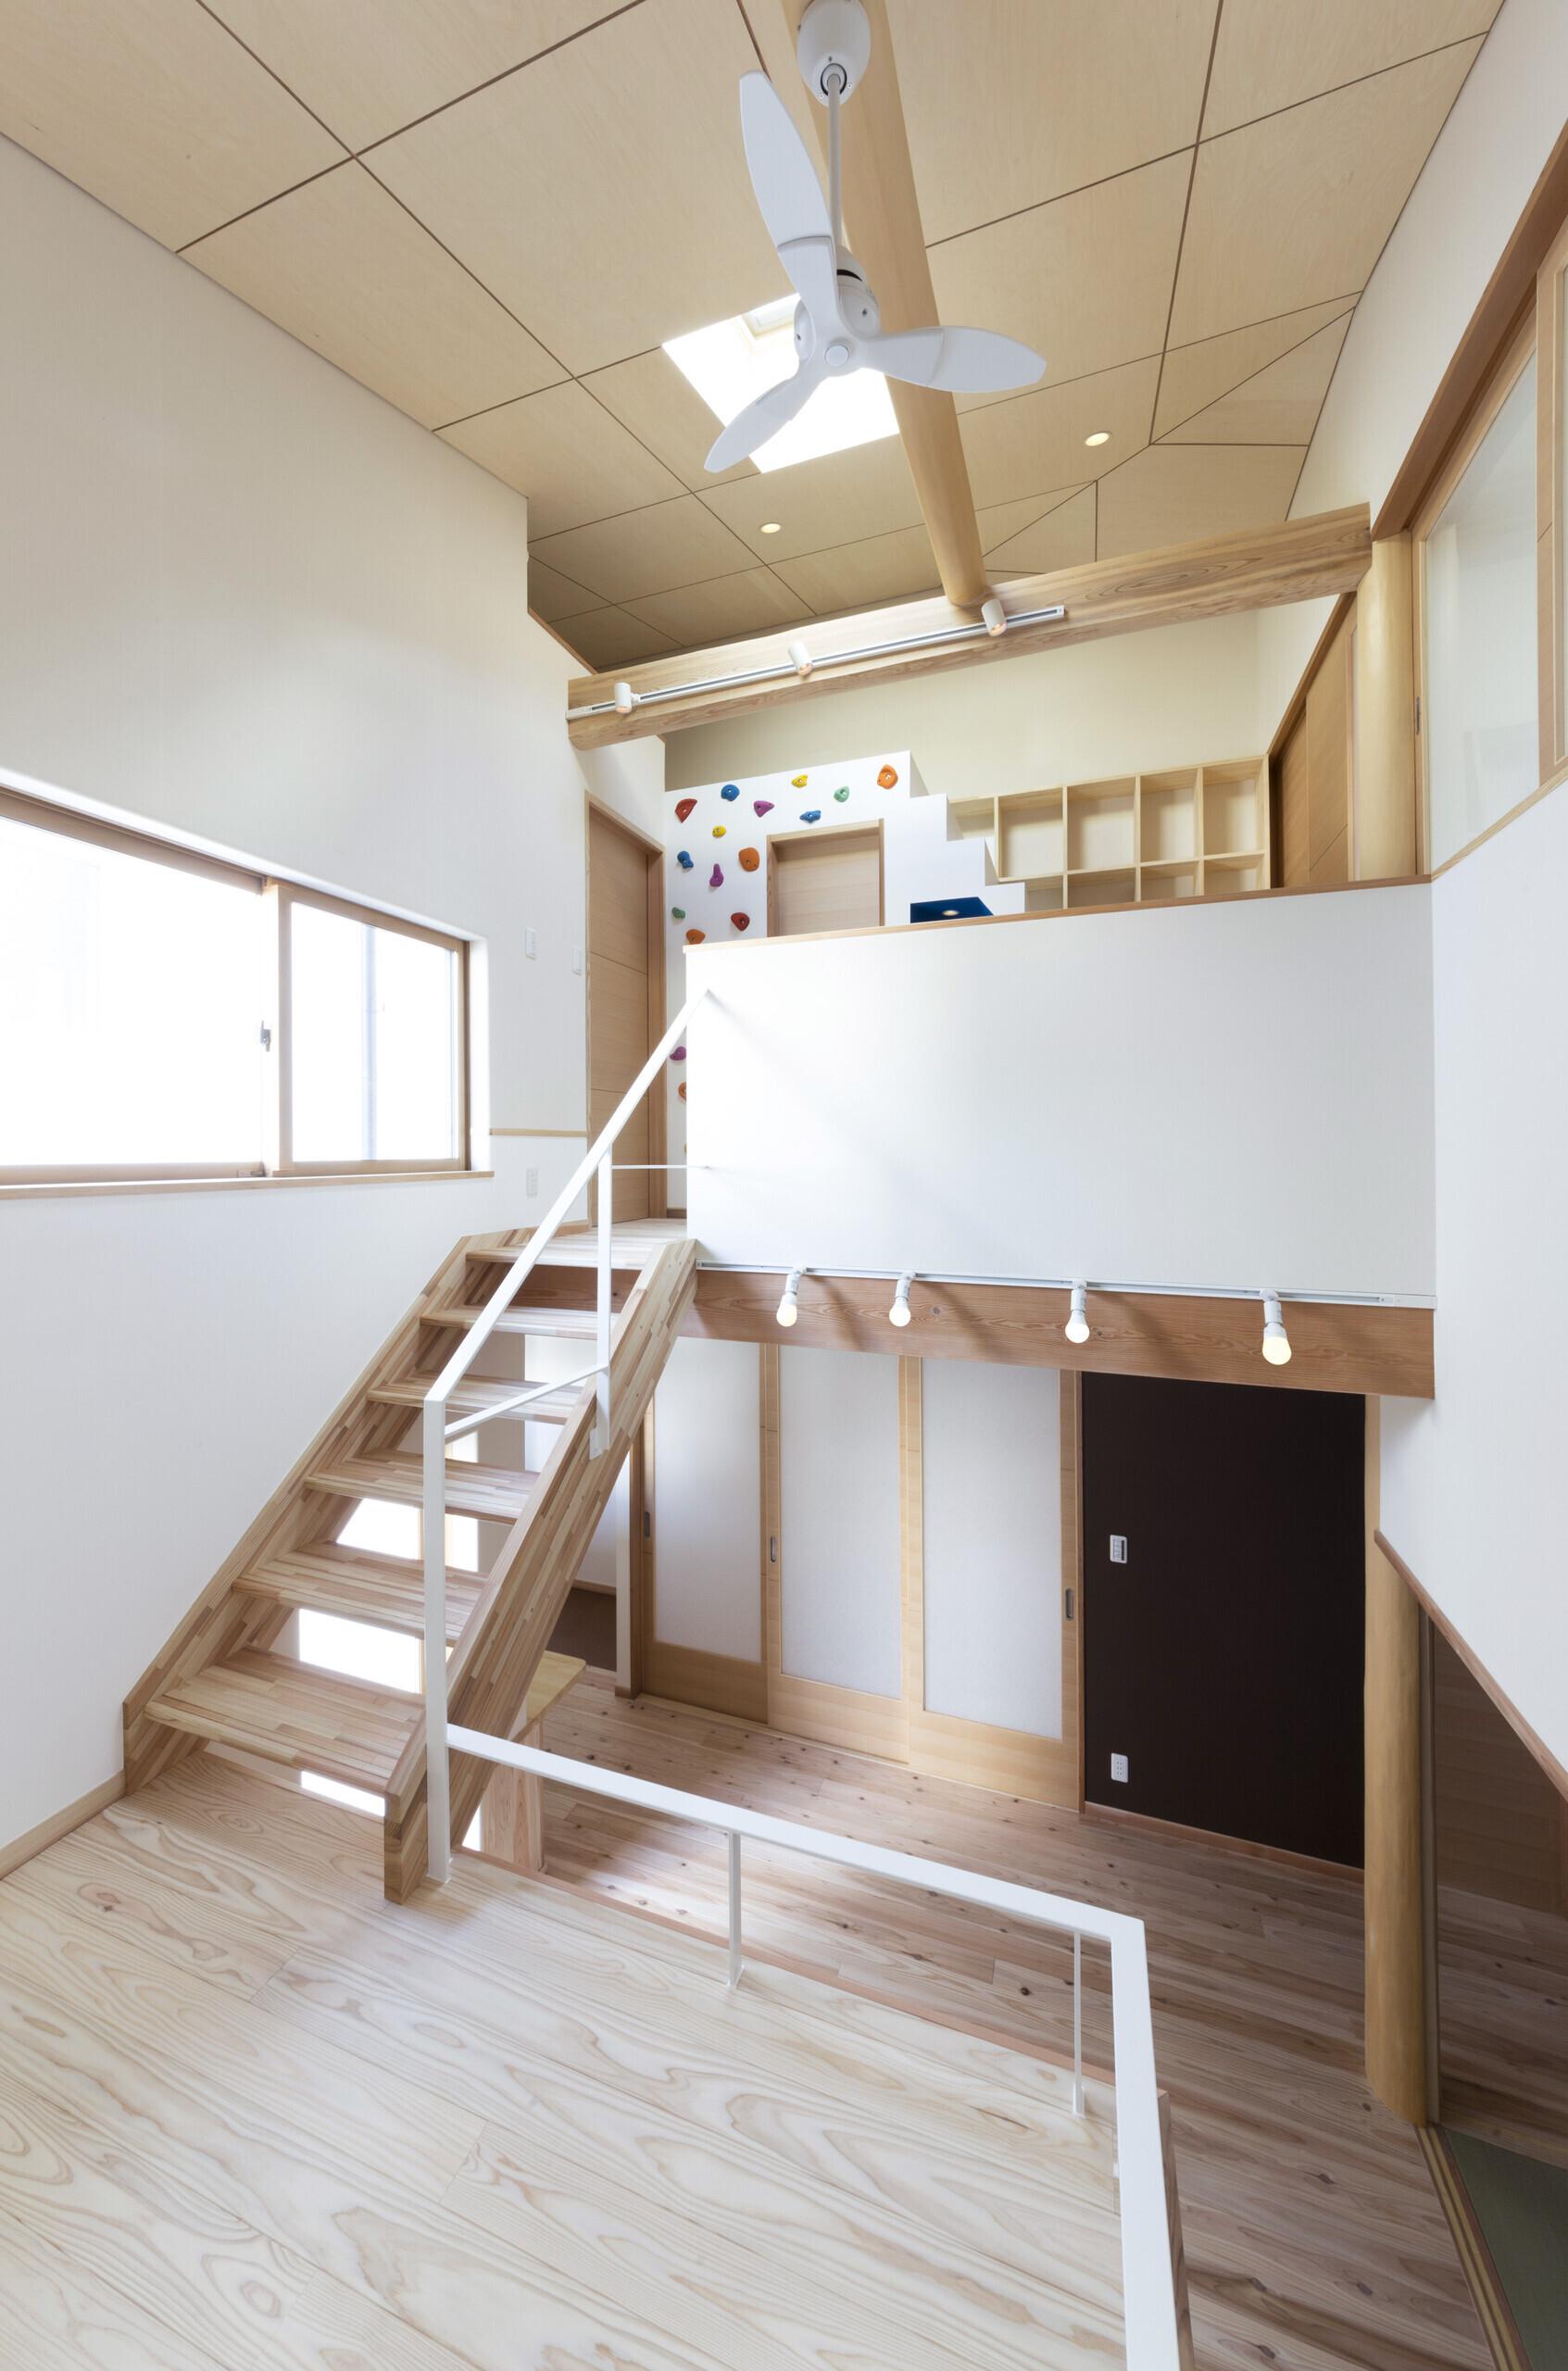 光のデッキを挟む家、吹抜けに光が差し込むリビングの建築事例写真